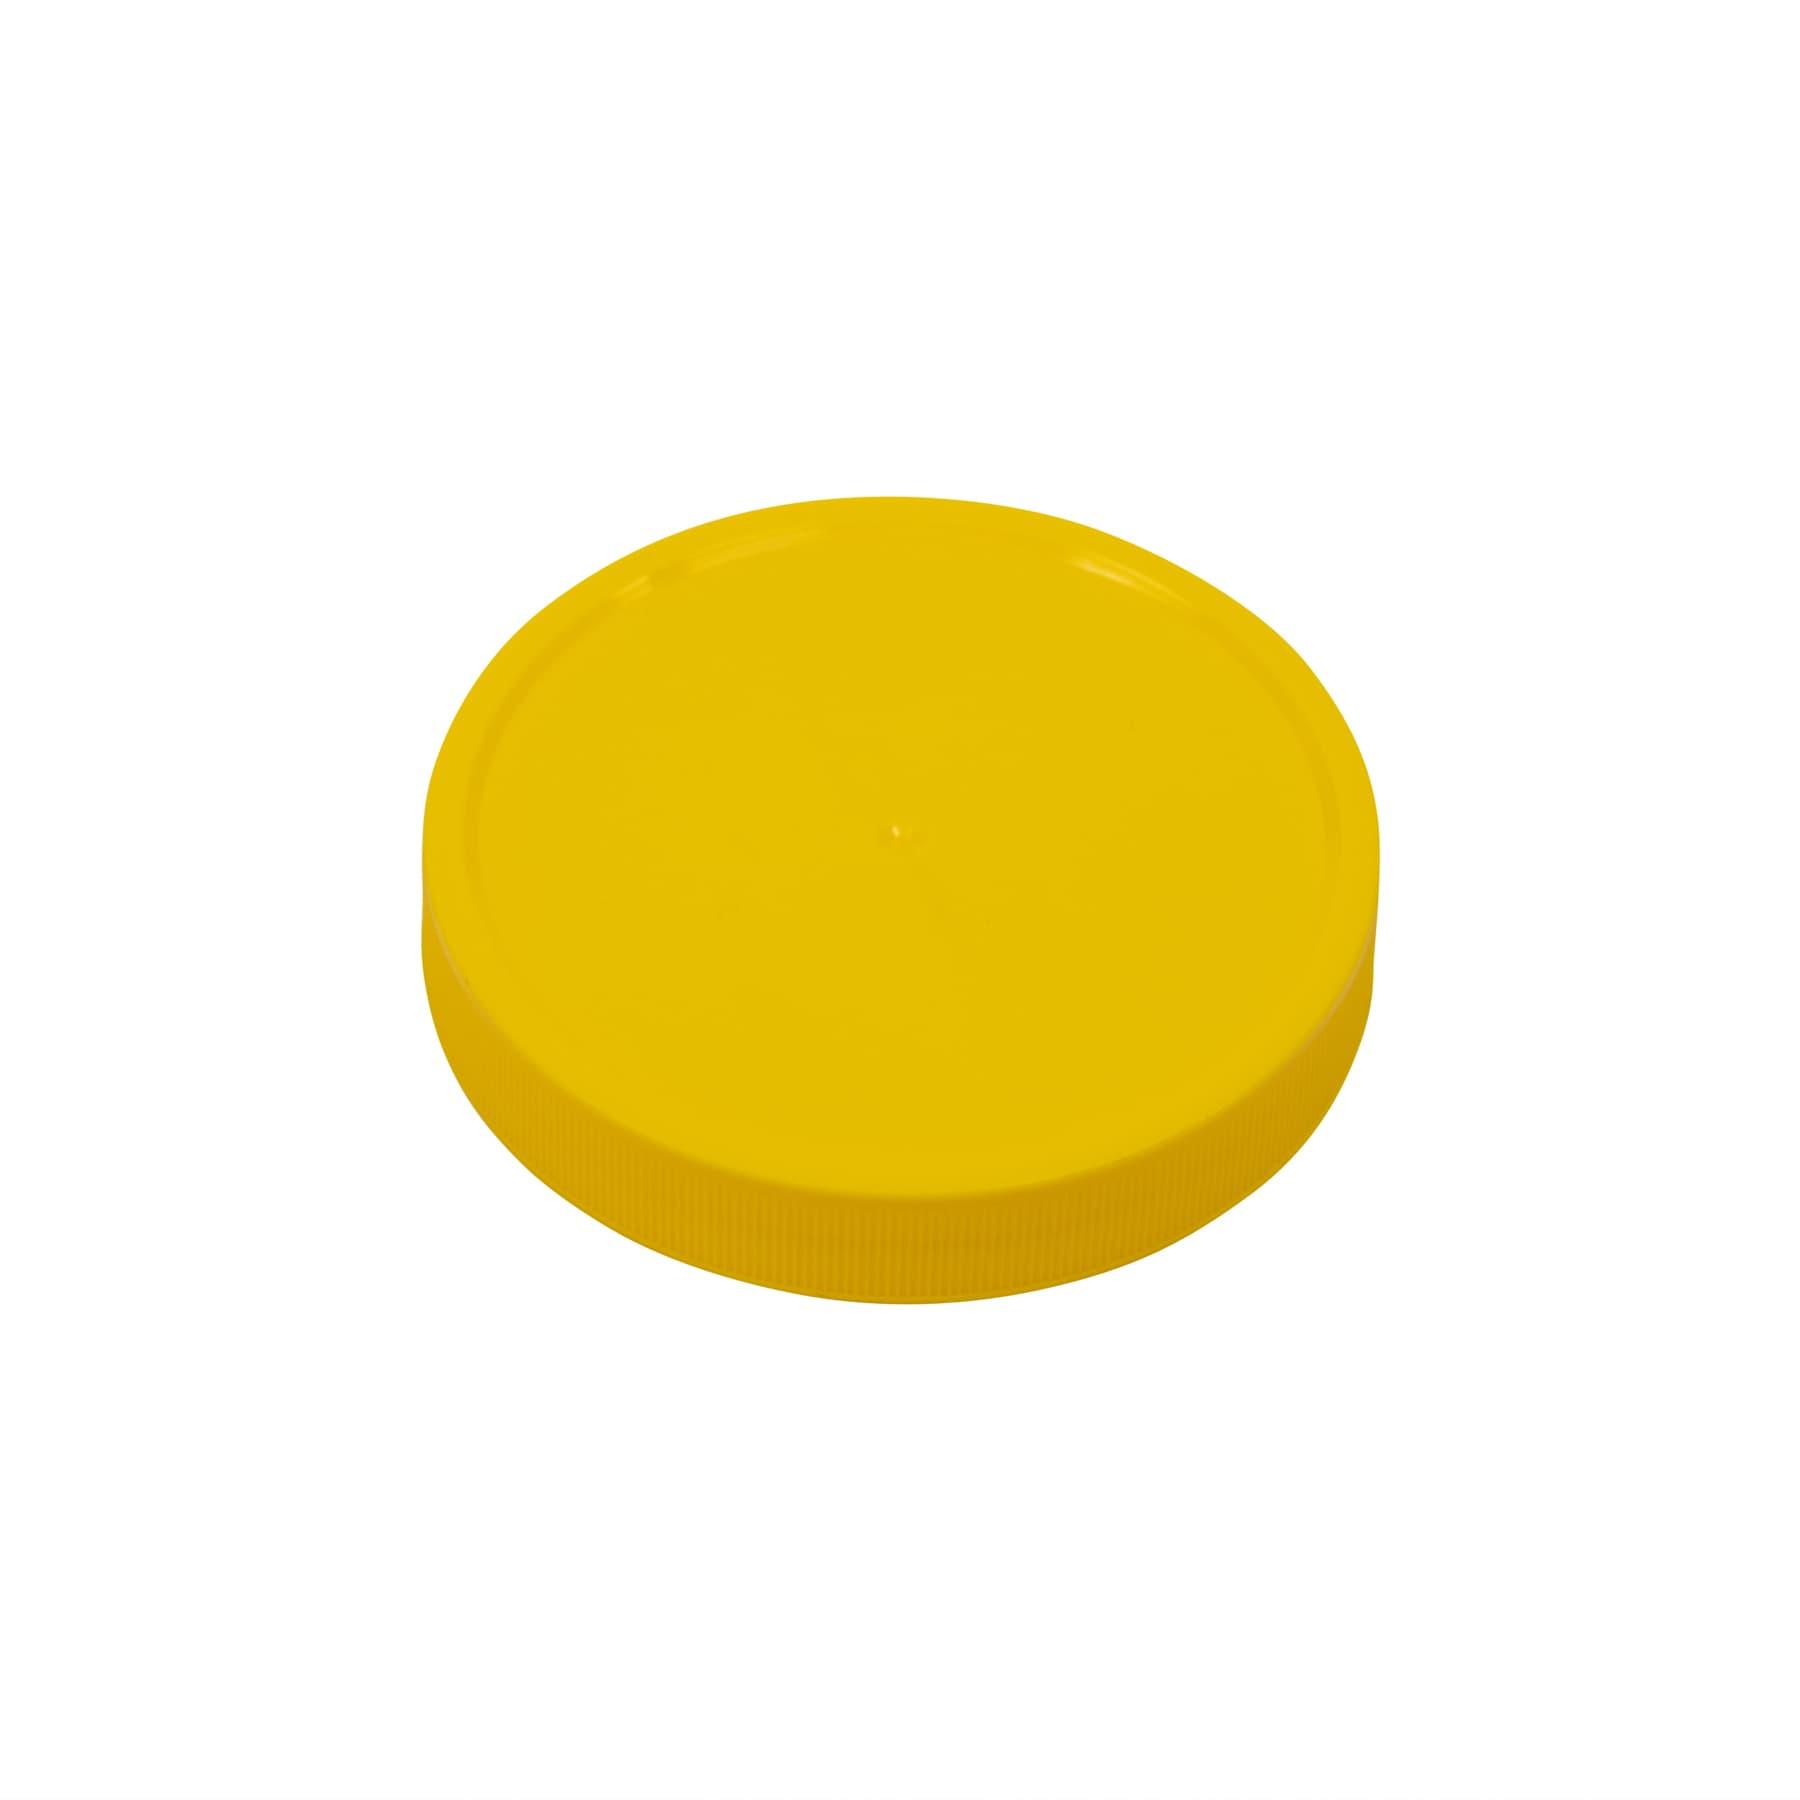 Schraubdeckel Kunststoff 80 mm, gelb